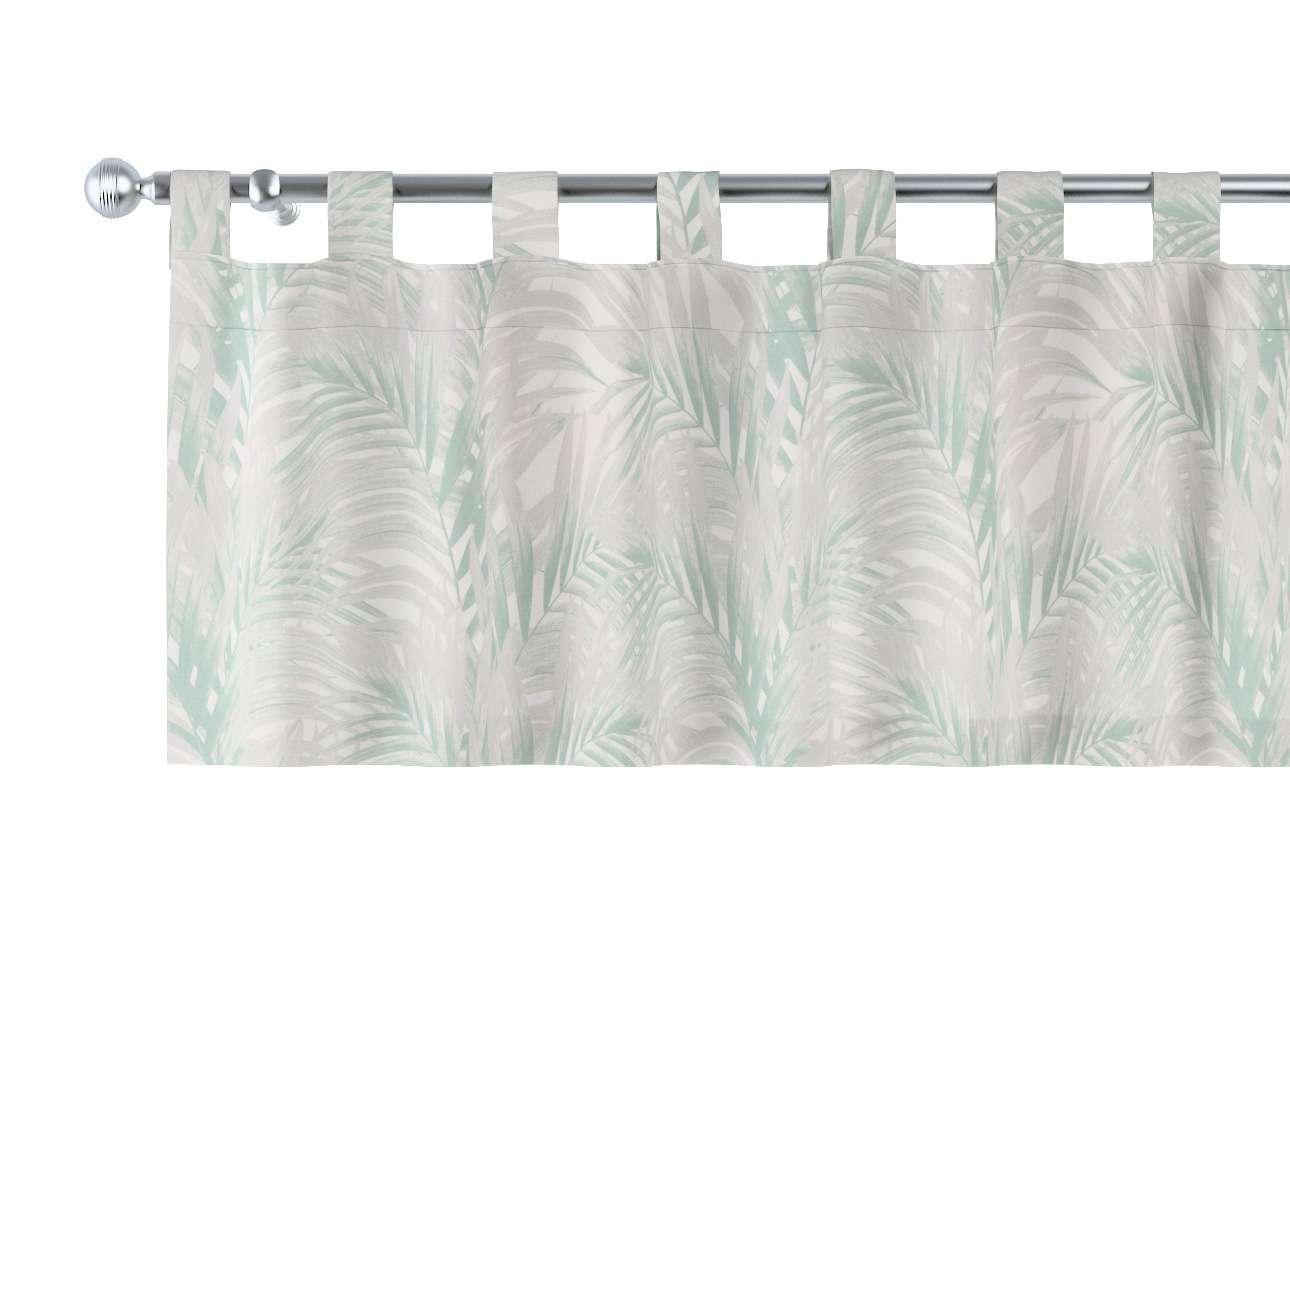 Gardinkappa med hällor 130 × 40 cm i kollektionen Gardenia, Tyg: 142-15